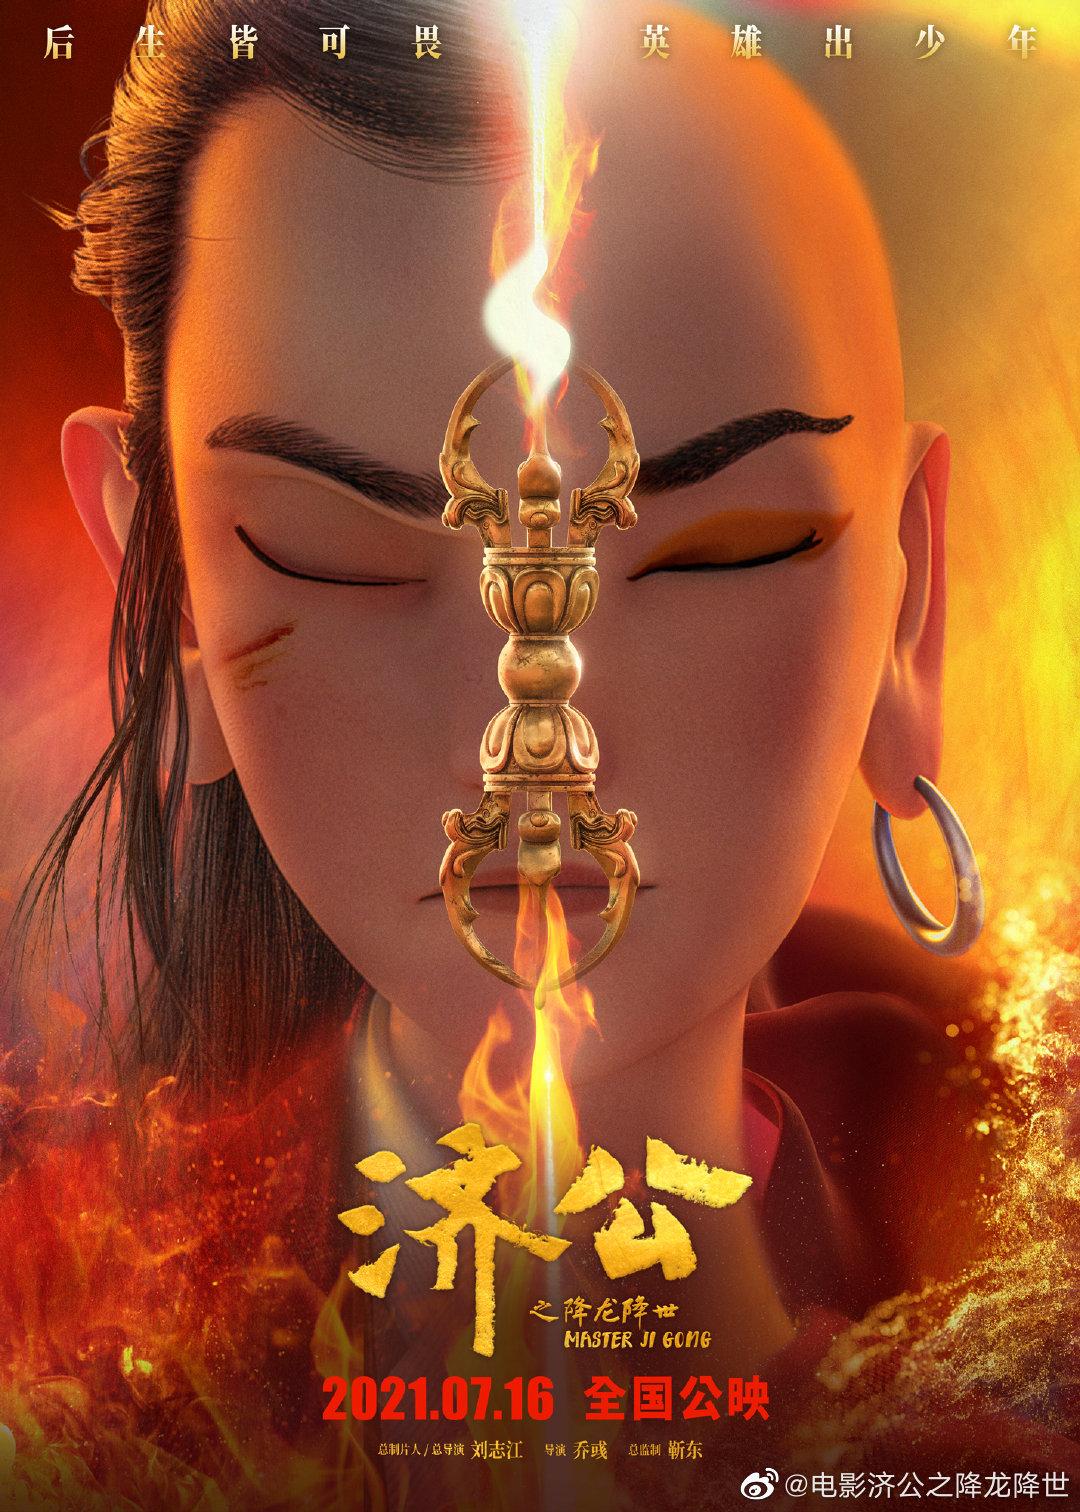 国产动画《济公之降龙降世》新预告 定档7月16日